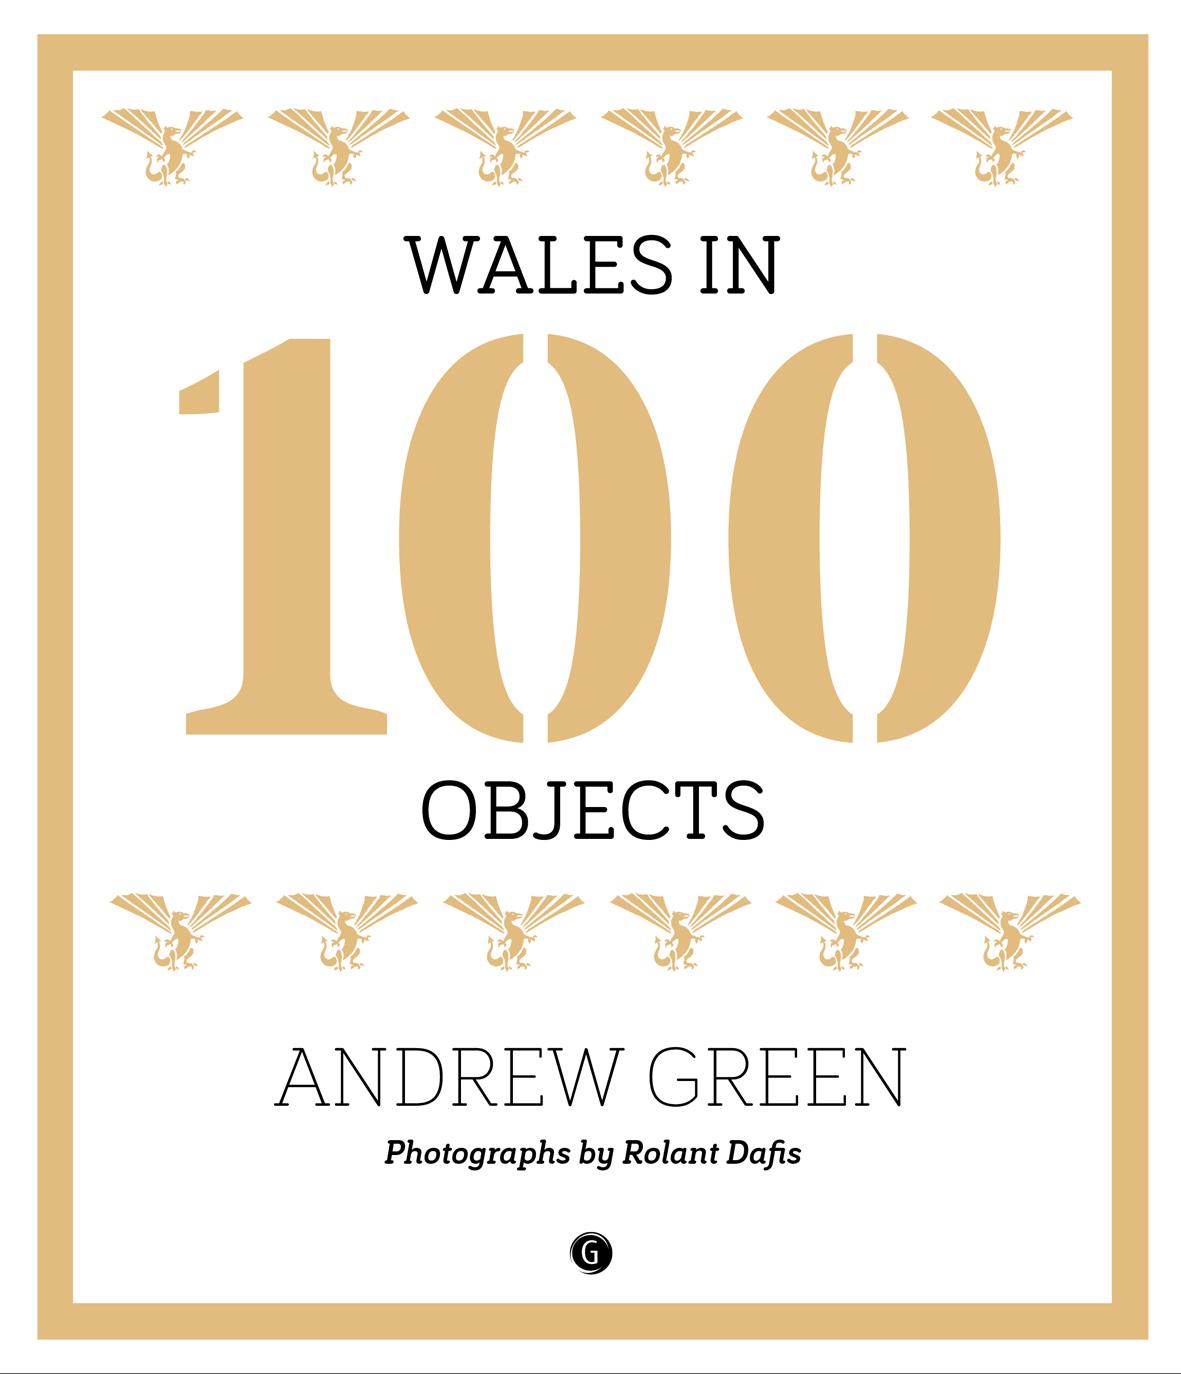 Wales_in_100_Objects.jpg